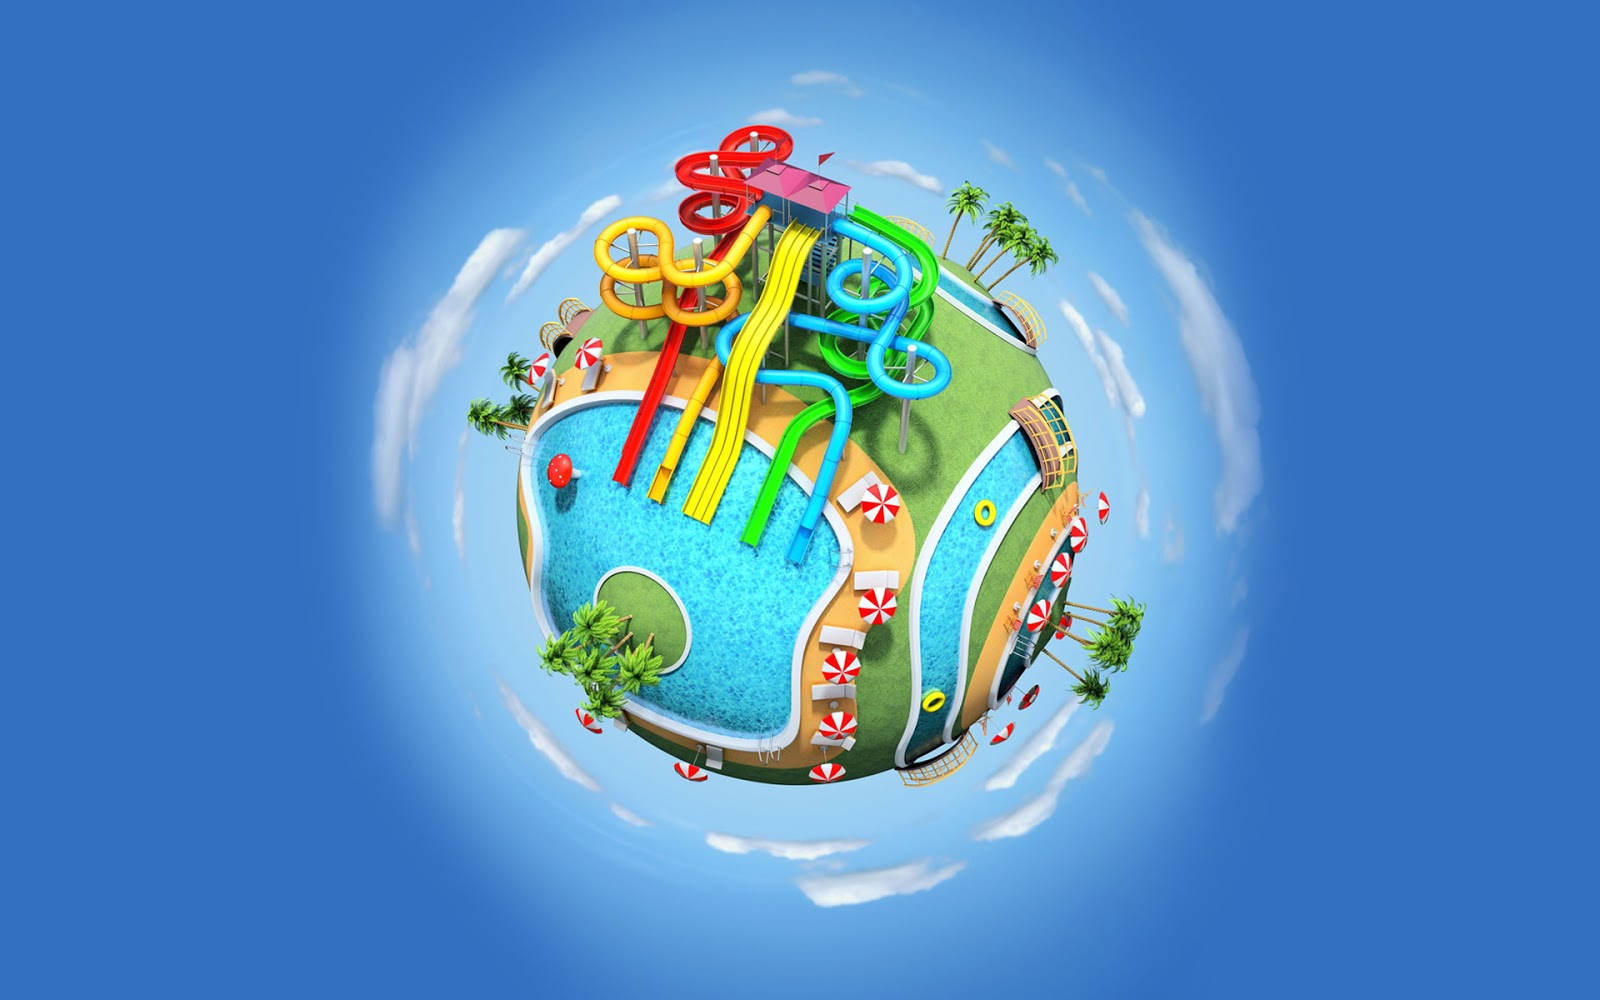 Download sfondi animati per pc gratis upsilon ups download for Sfondi pc in 3d